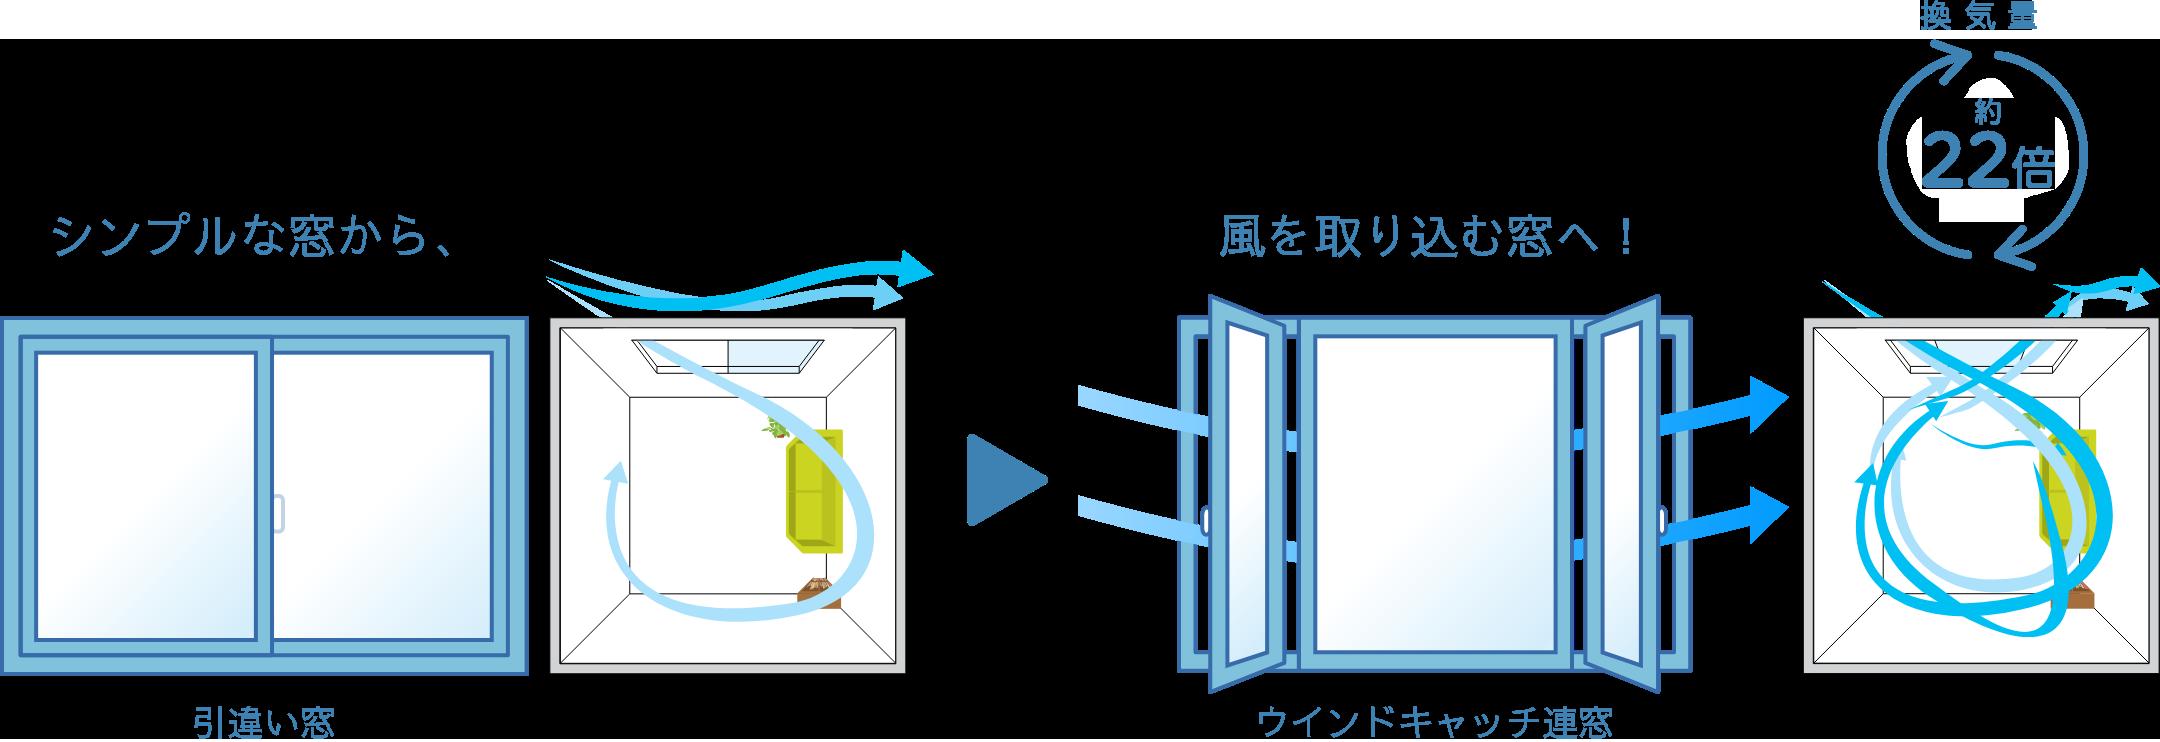 シンプルな窓(引違い窓)から、風を取り込む窓(ウインドキャッチ連窓)へ! 換気効率約22倍UP!